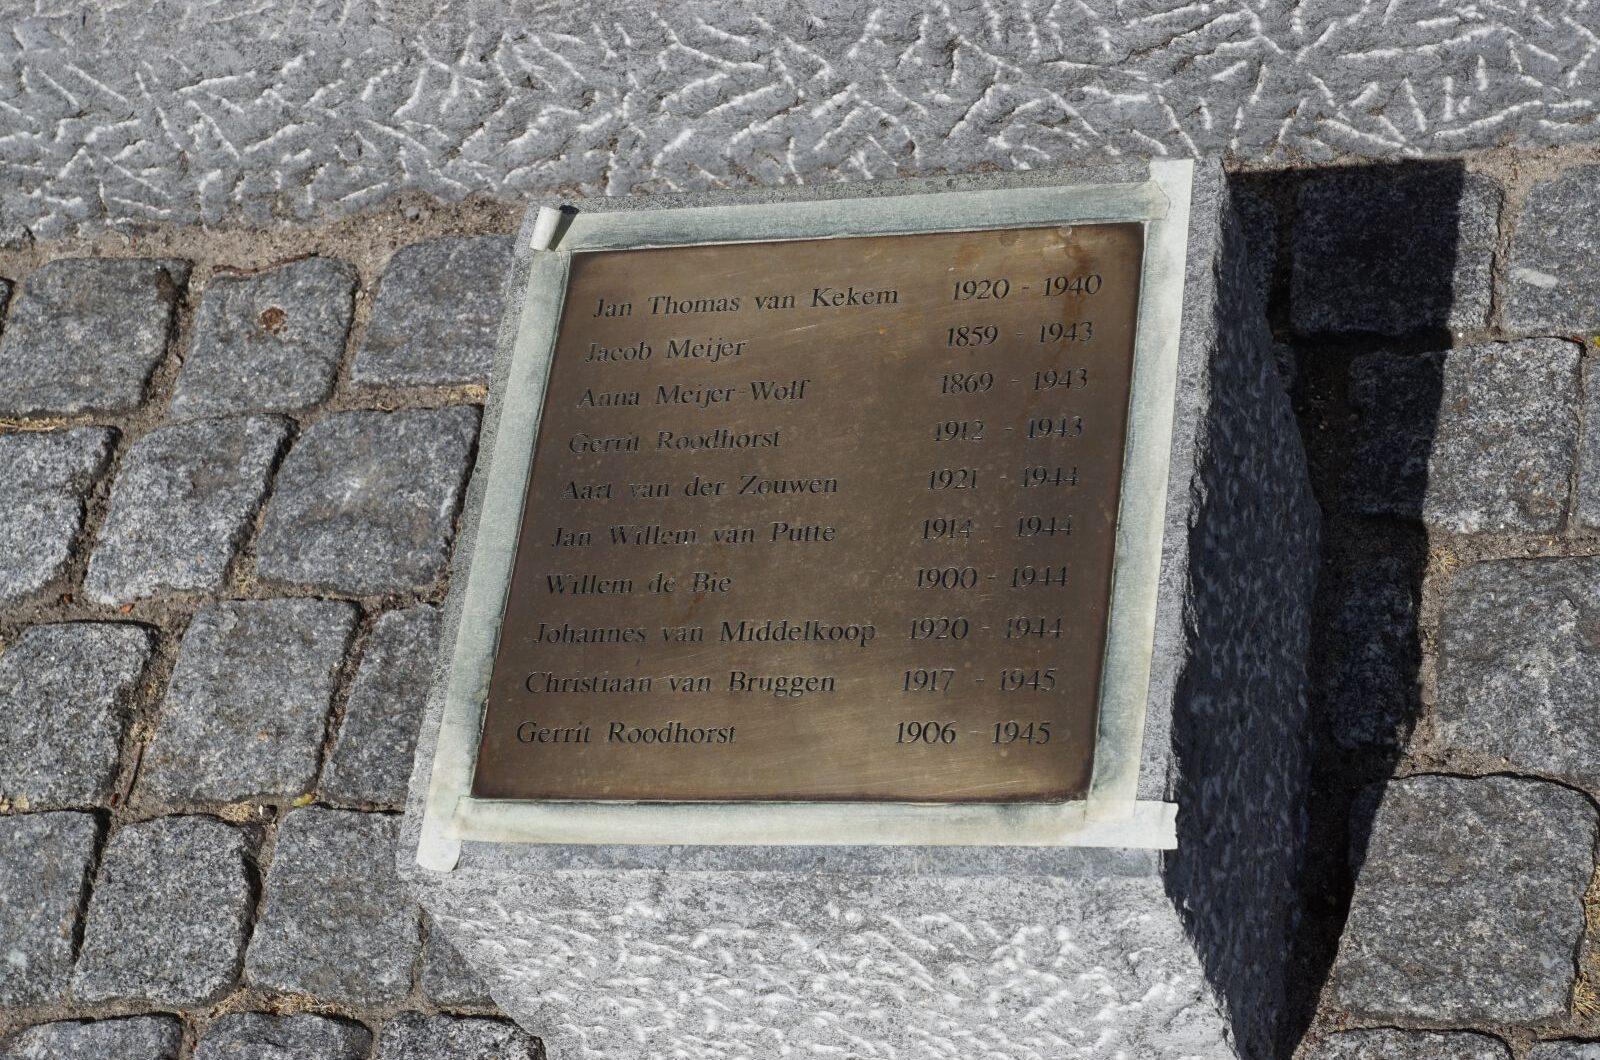 Ameide, 'Herdenkingsmonument oorlogsslachtoffers'